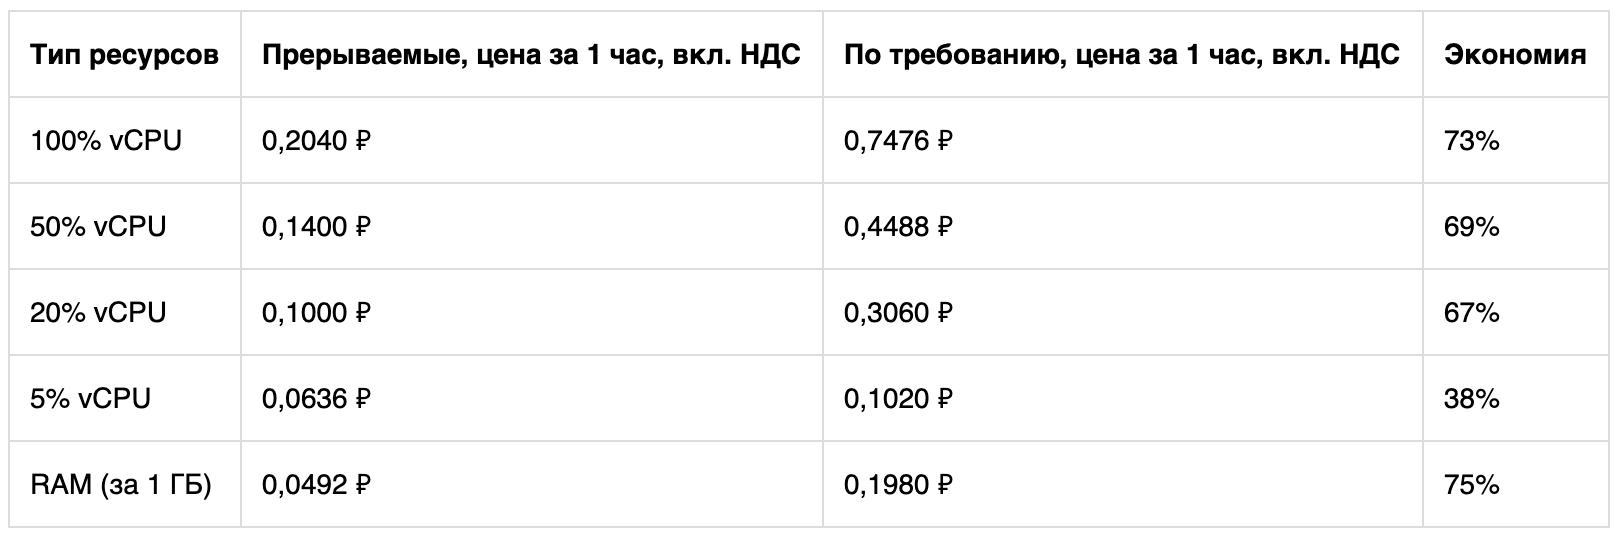 Как можно использовать прерываемые виртуальные машины Яндекс.Облака и экономить на решении масштабных задач - 4